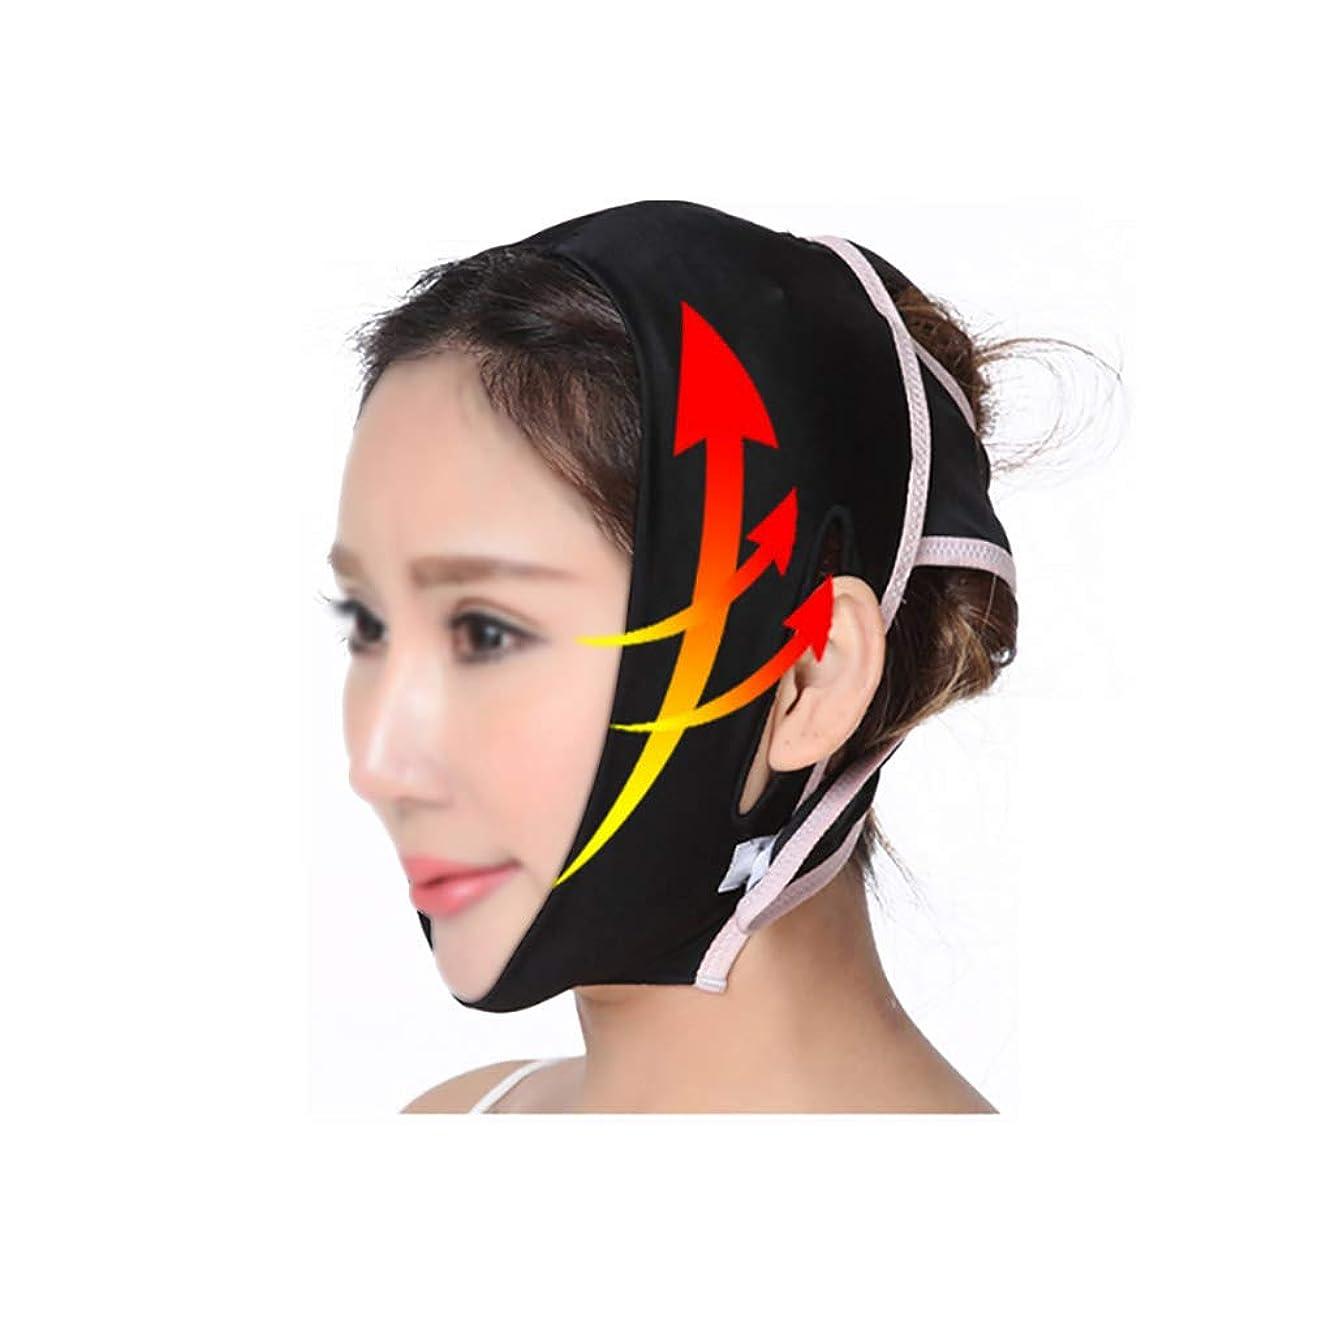 事業大使館テープGLJJQMY 薄い顔のマスクのマスクの睡眠の顔のプラスチック顔の包帯の顔の持ち上がるVの表面のアーチファクトの回復 ネックバンド 顔用整形マスク (Size : L)